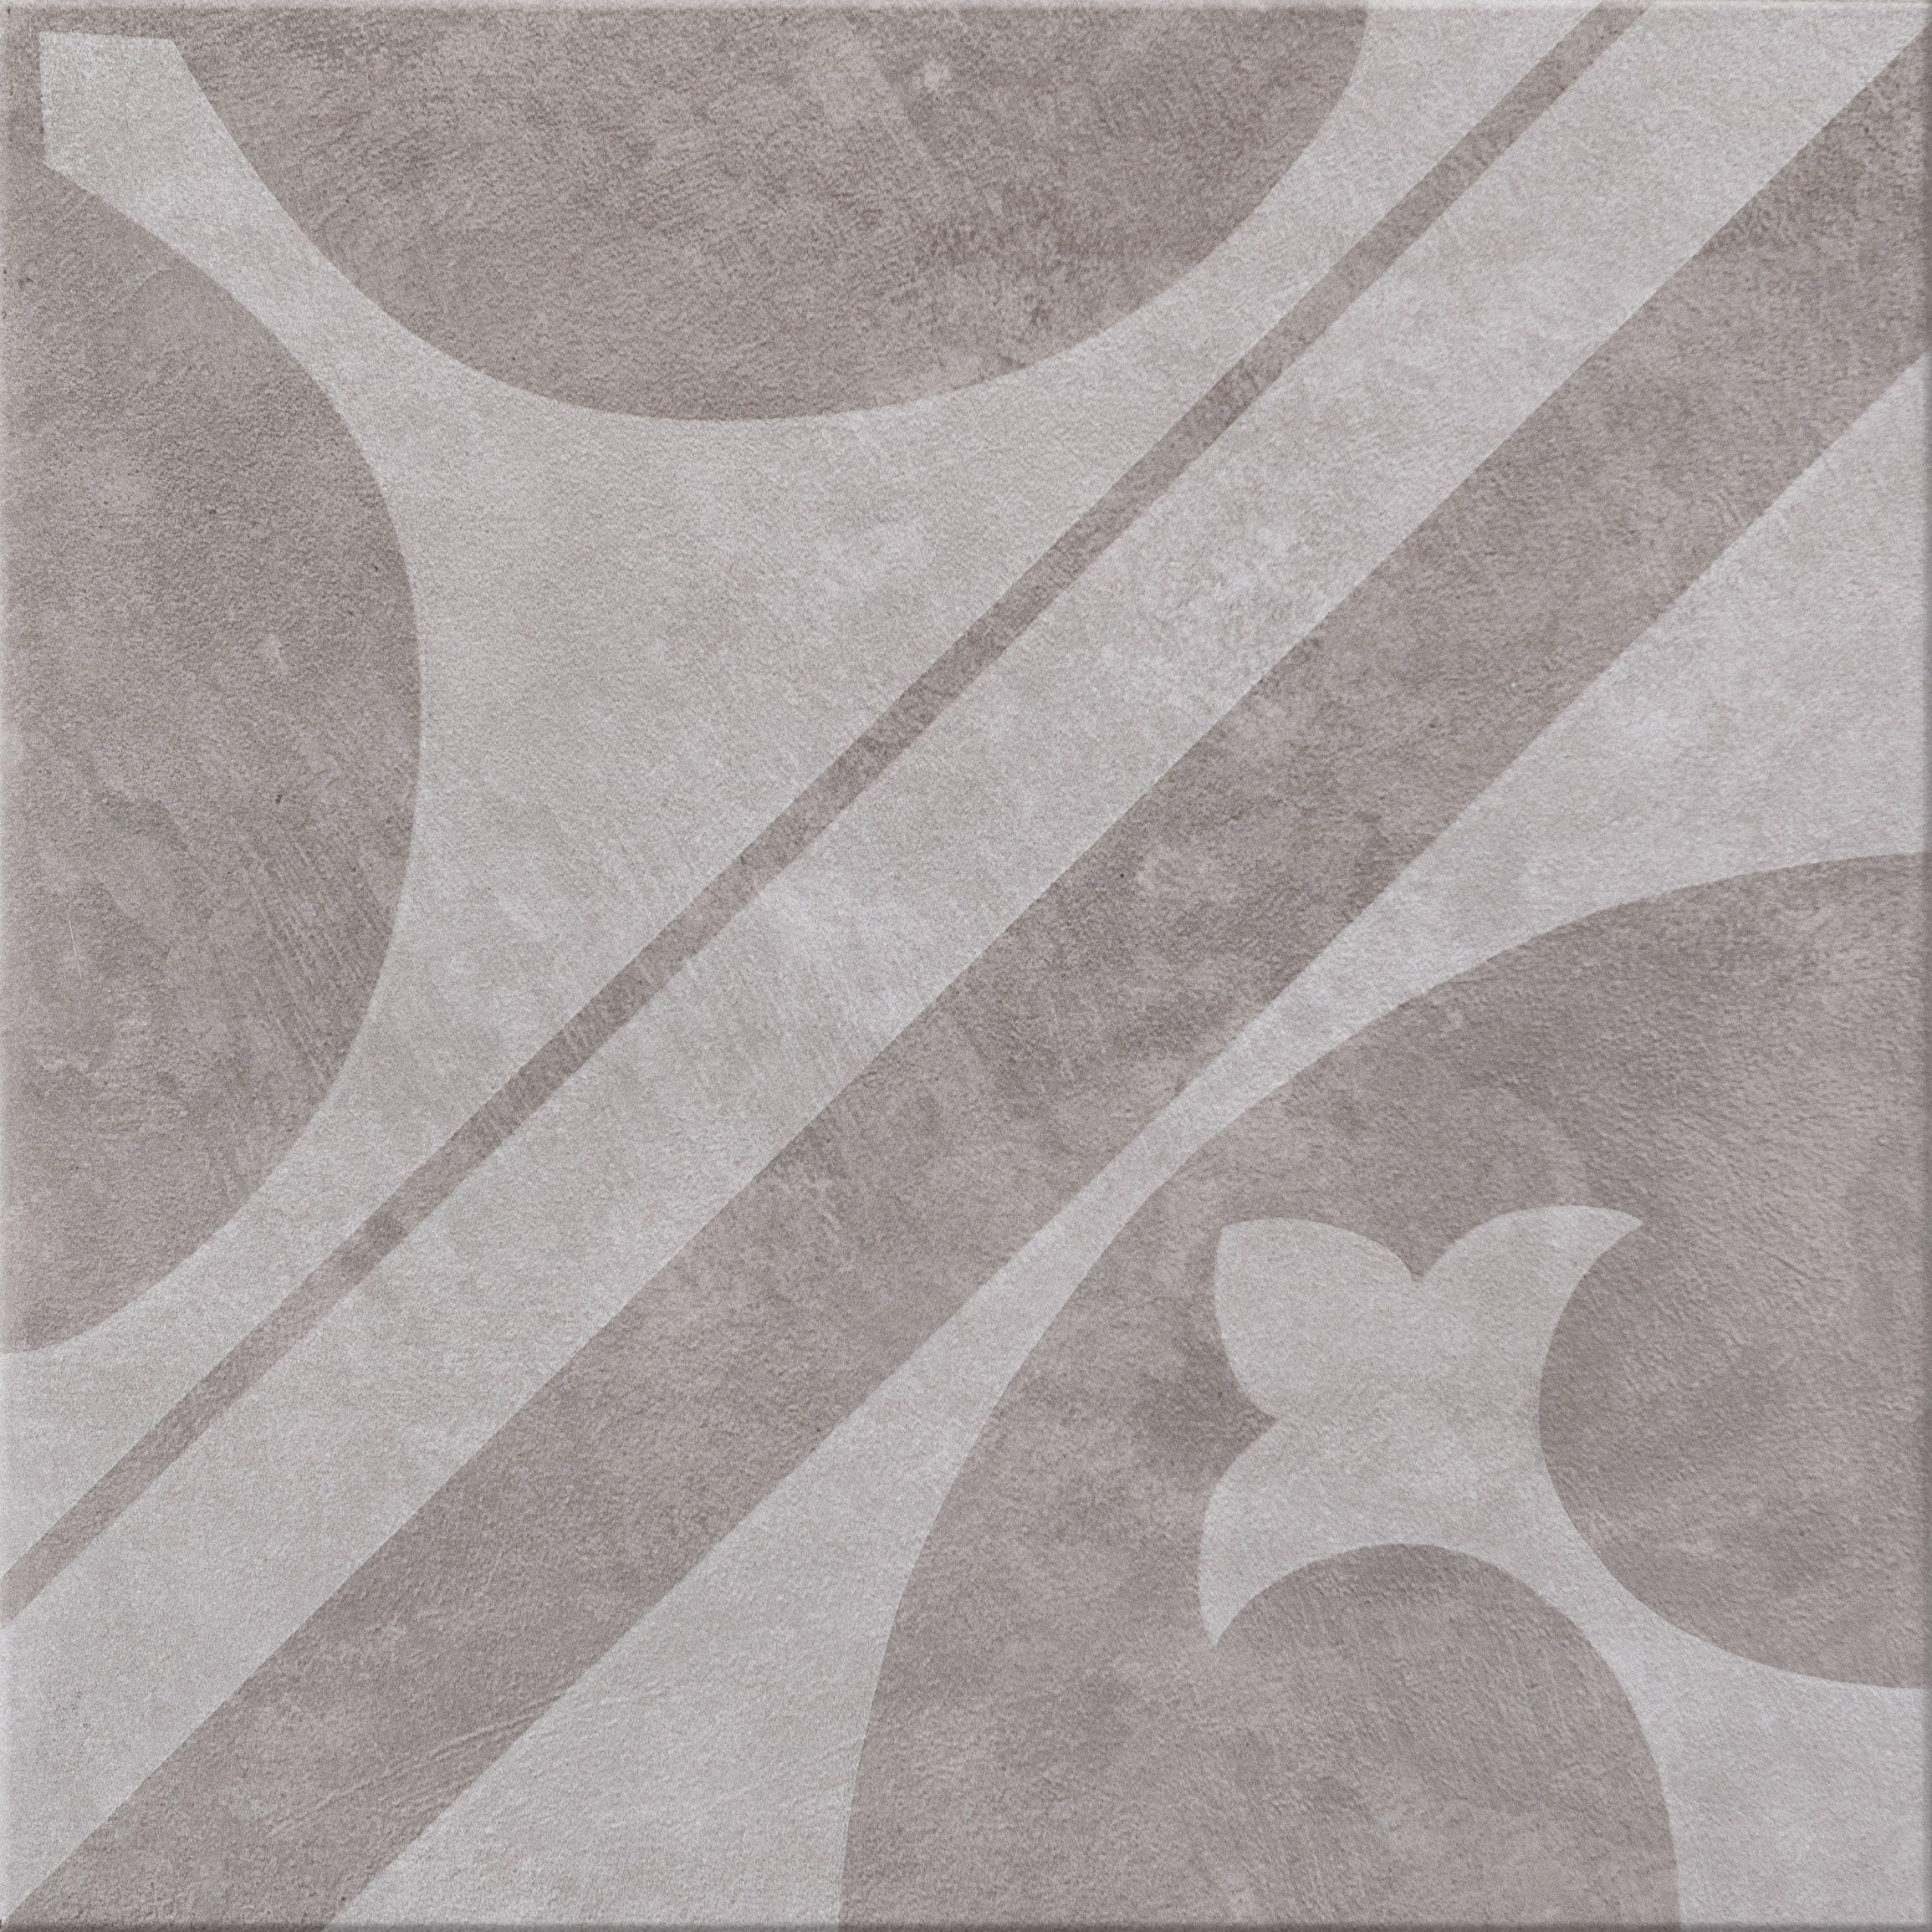 Cersanit Pato Grey Grafica 1 Gres Płytka Podłogowa 326x326